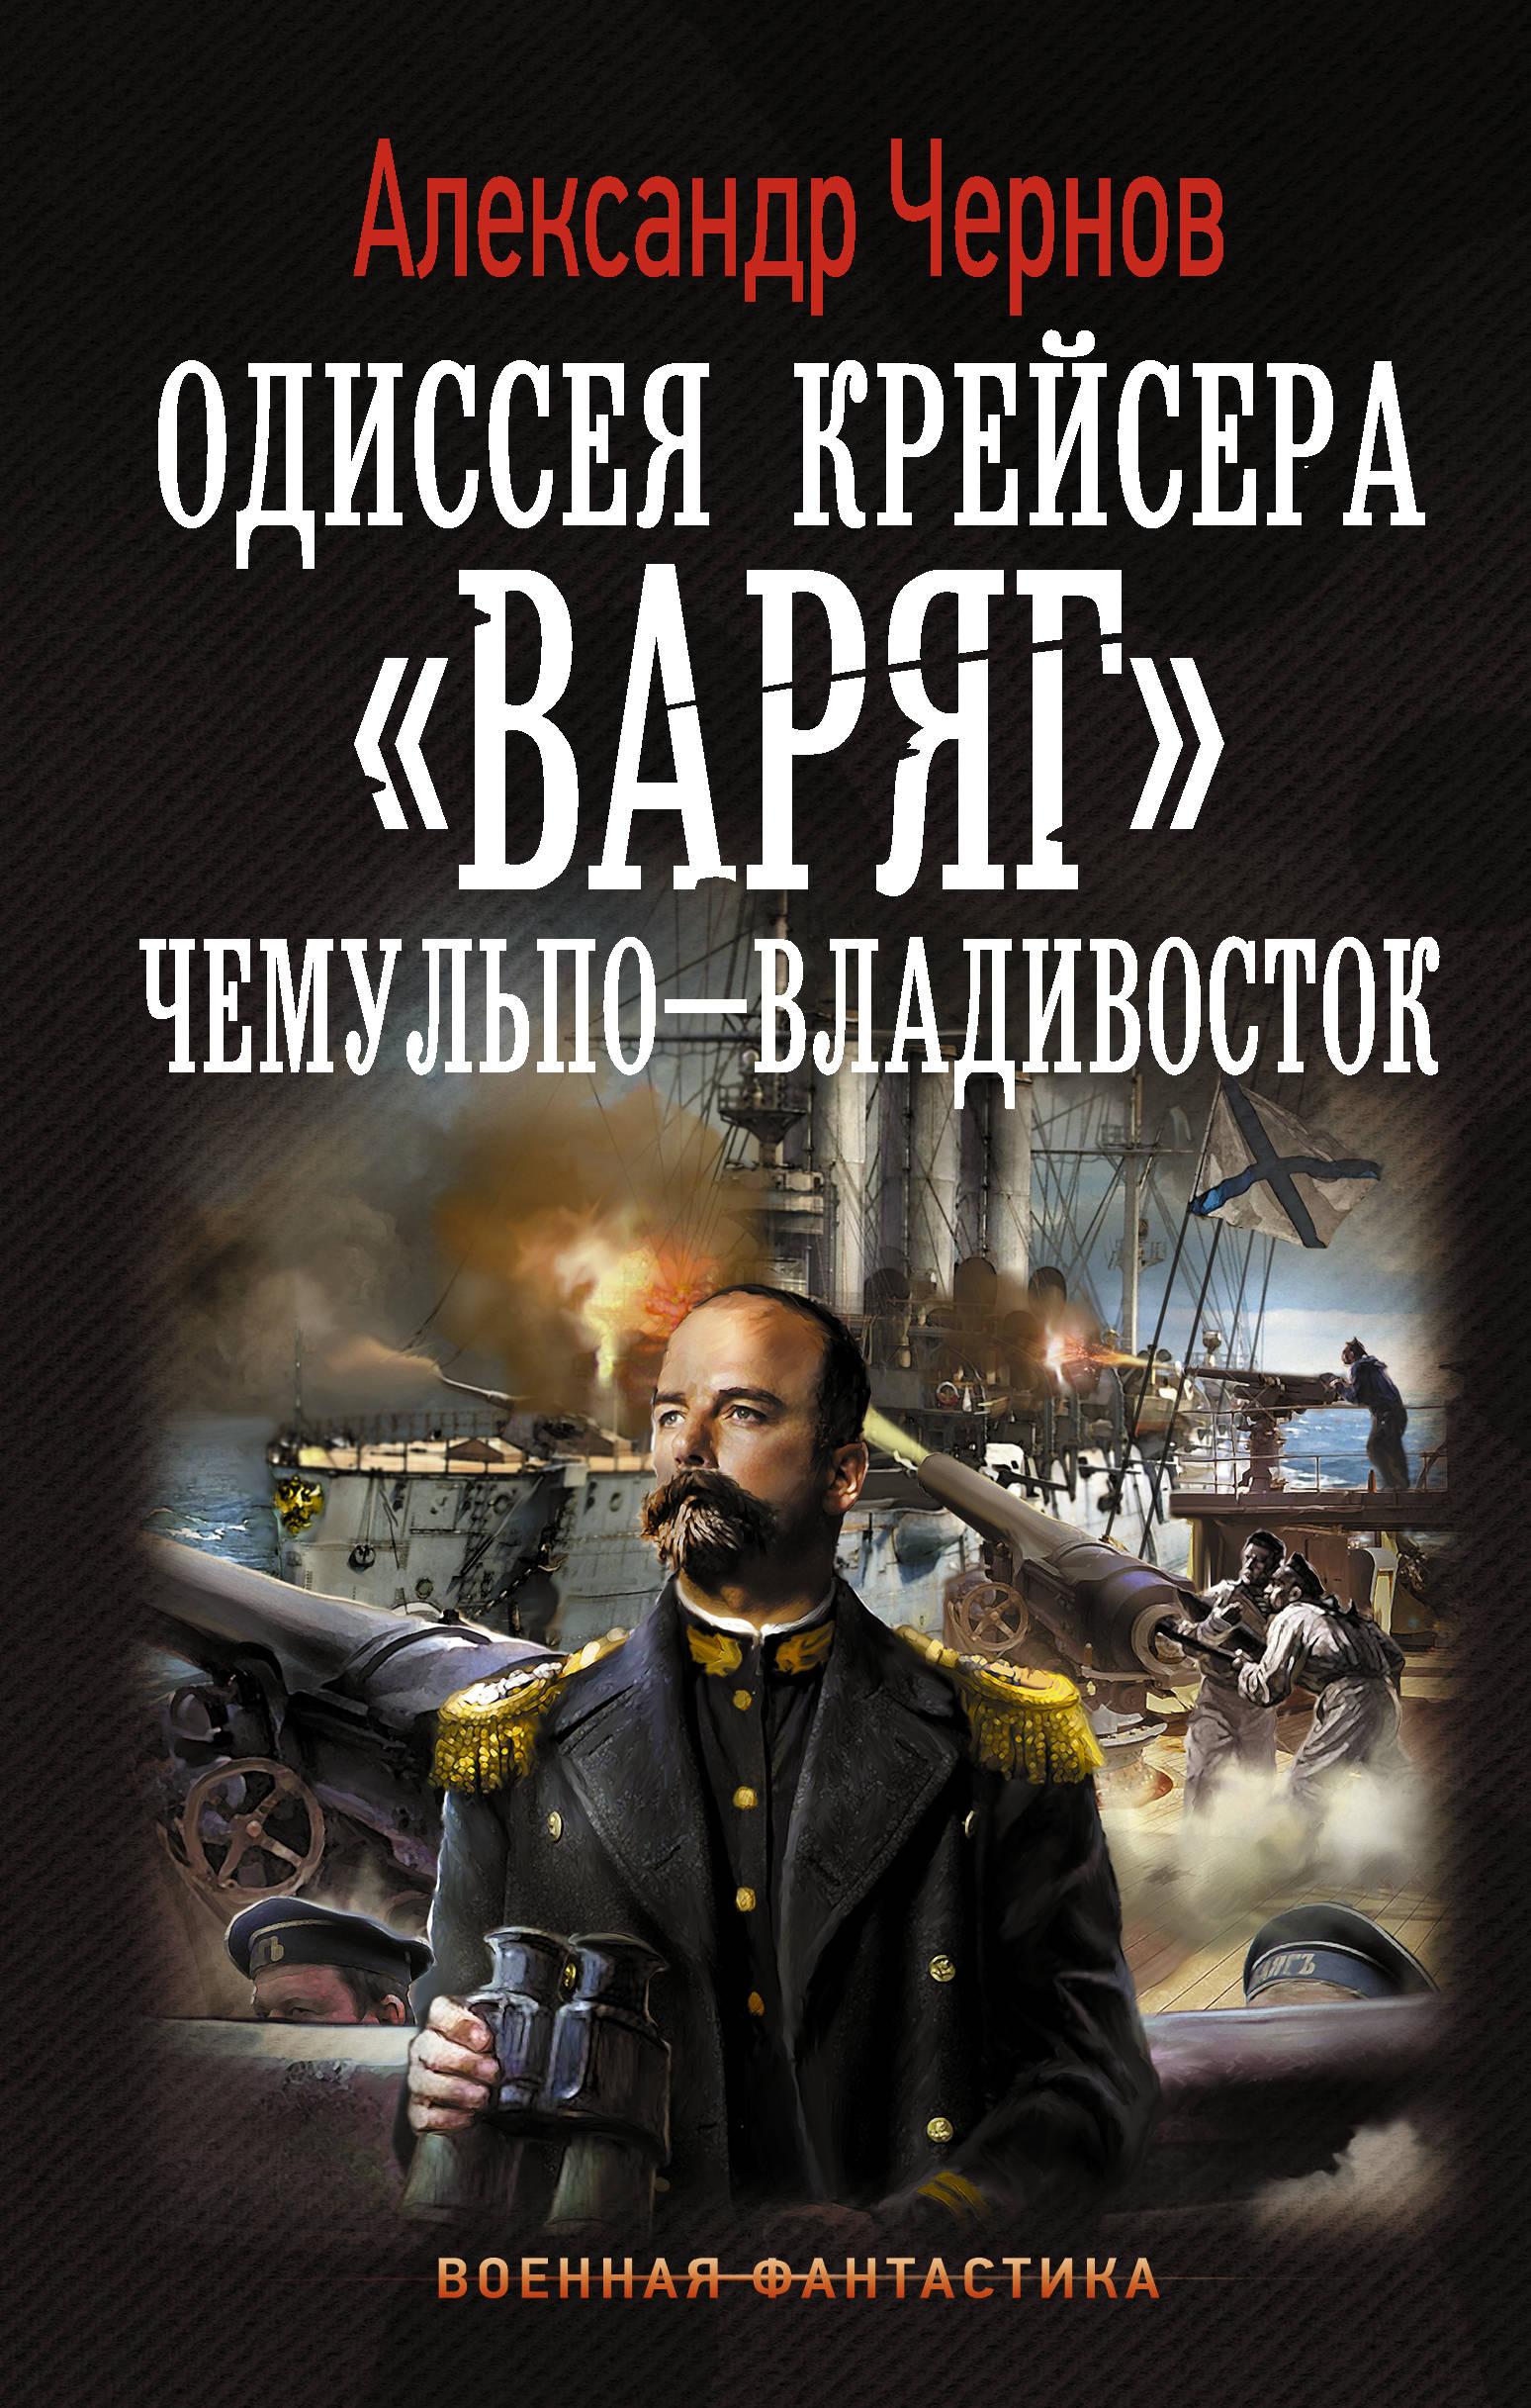 """Одиссея крейсера """"Варяг"""". Чемульпо-Владивосток. Александр Чернов"""